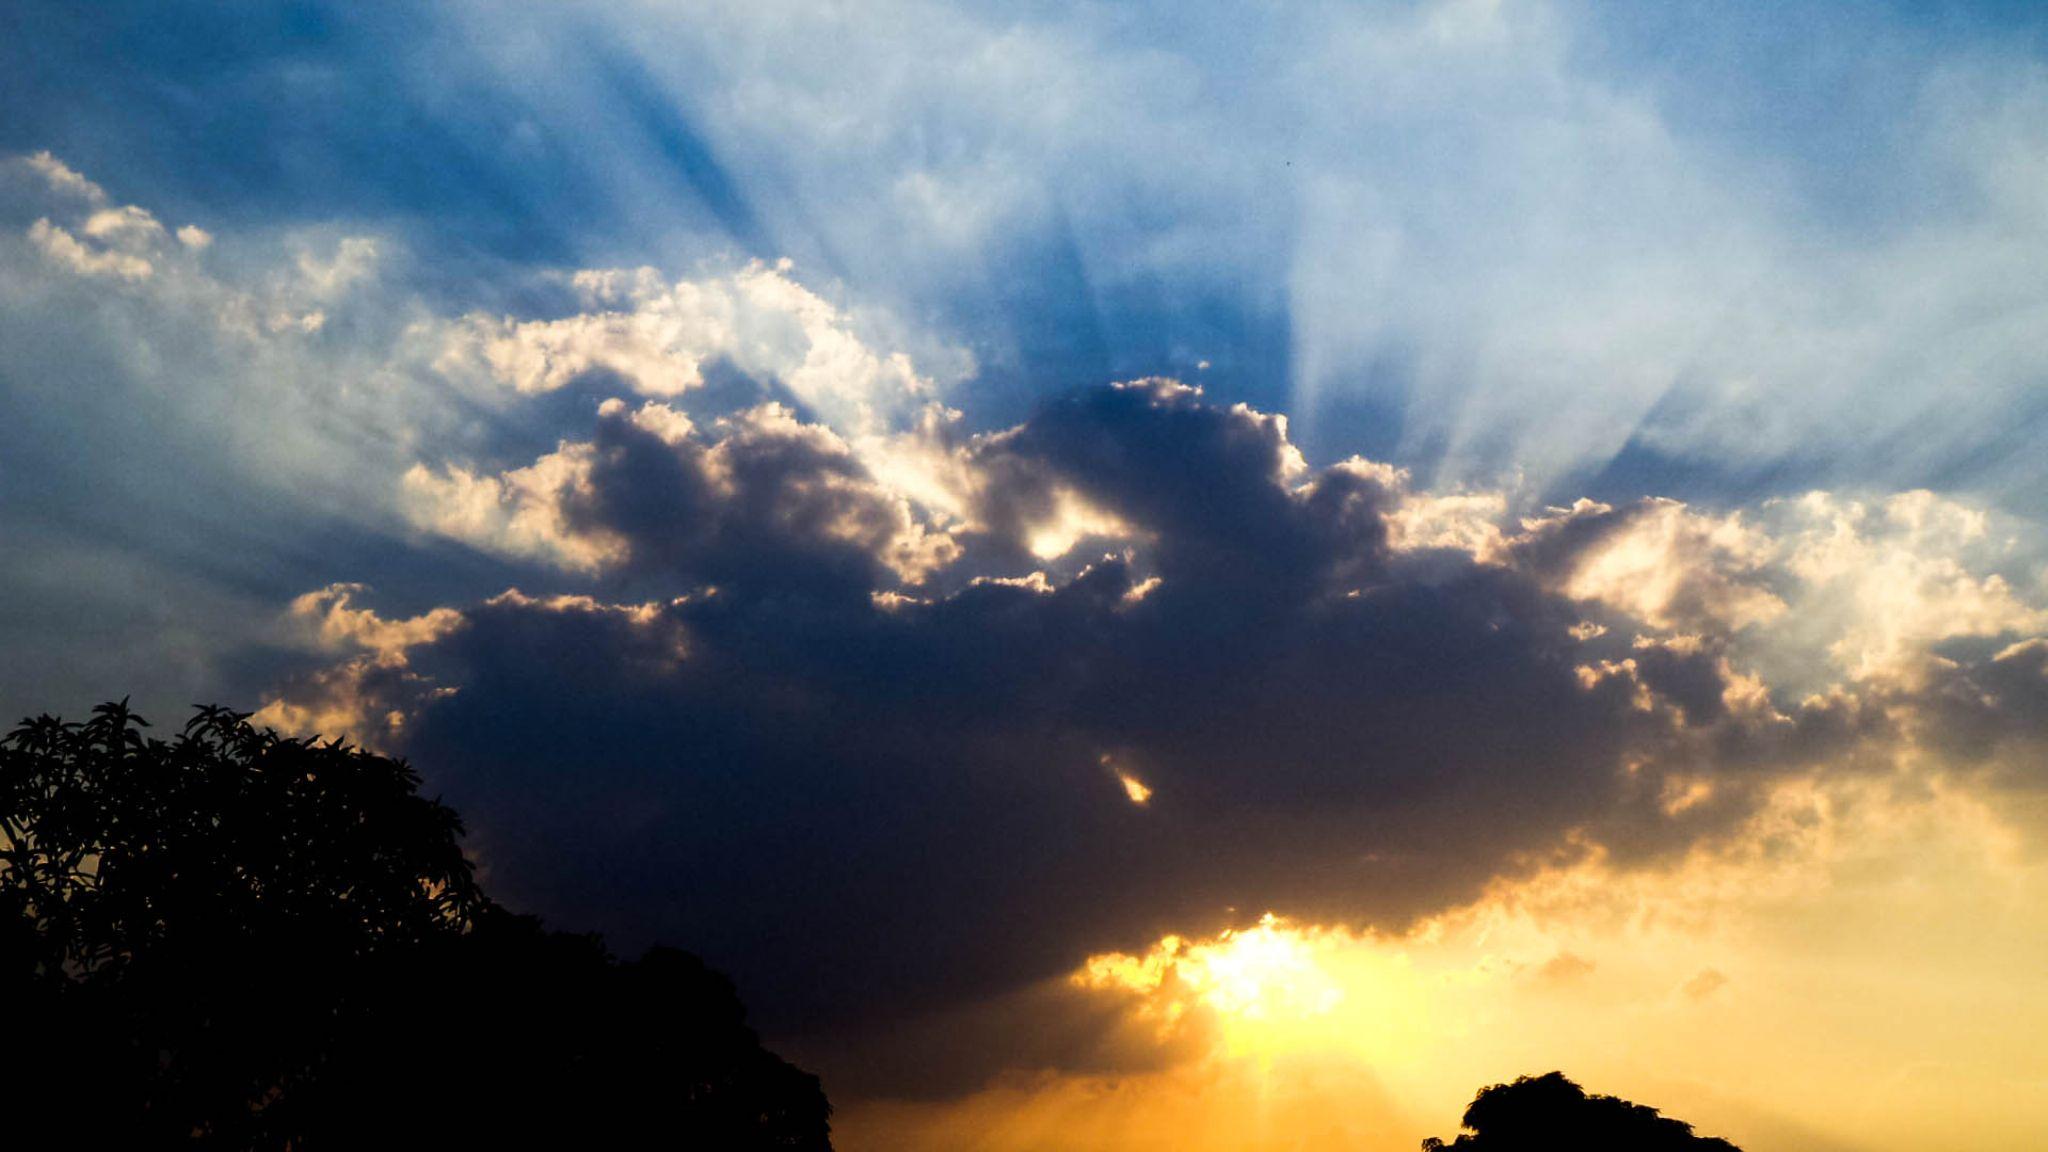 Sunset by Nashwa Murad